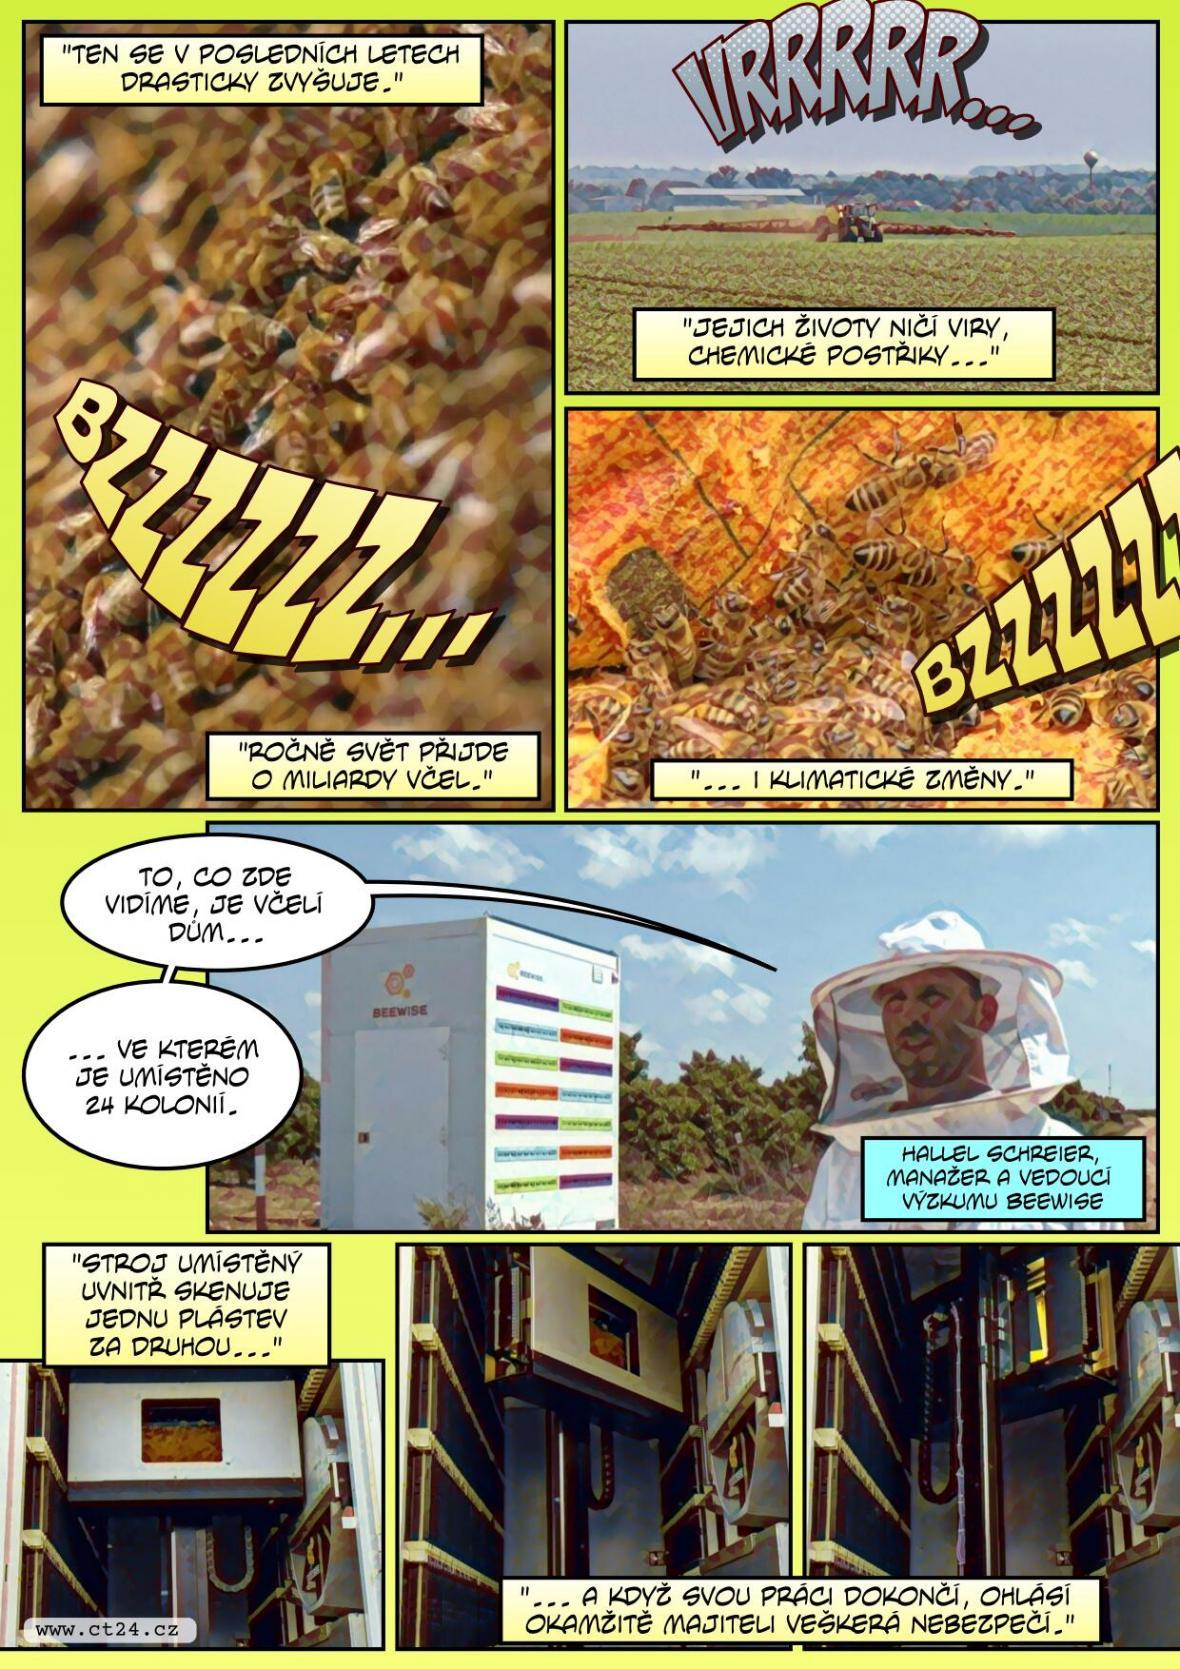 Izraelští vědci vyrazili včelám na pomoc. Pro ohrožené roje staví speciální robotické úly